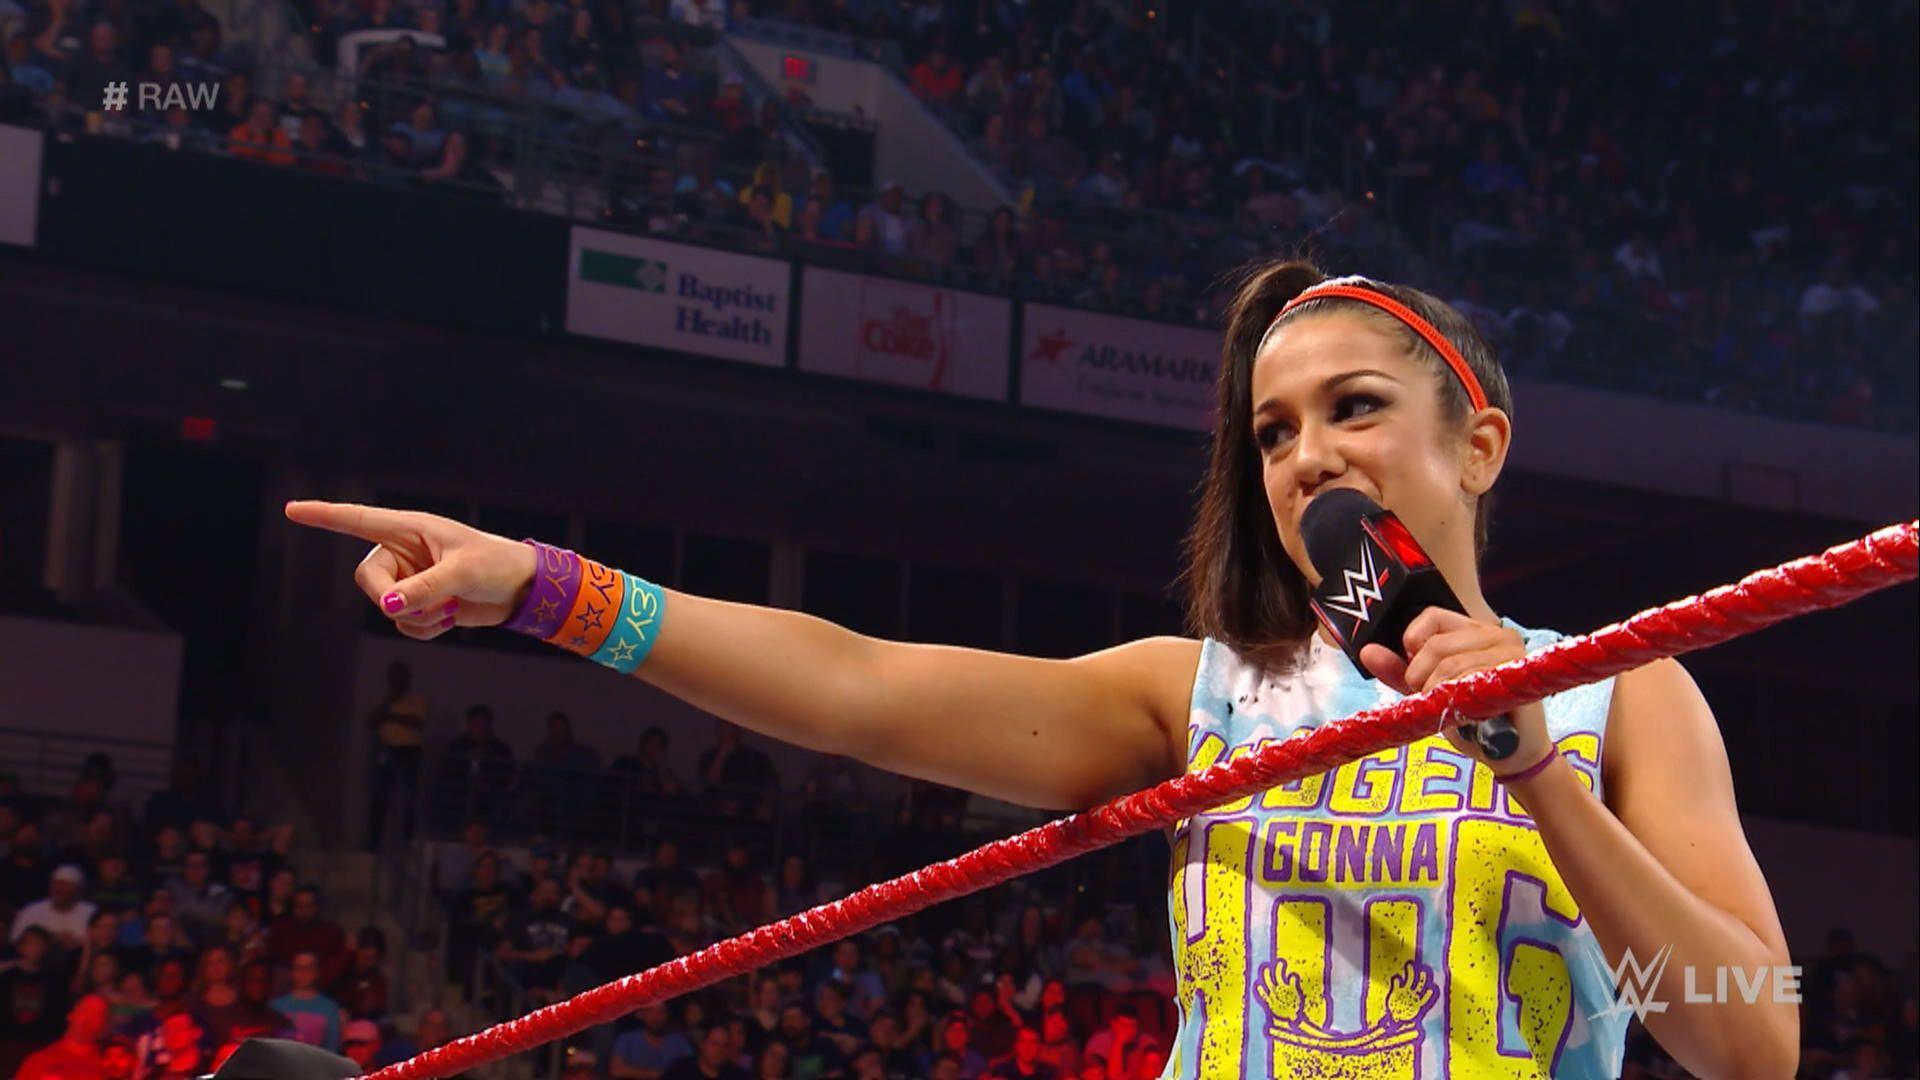 WWE Women Wallpapers